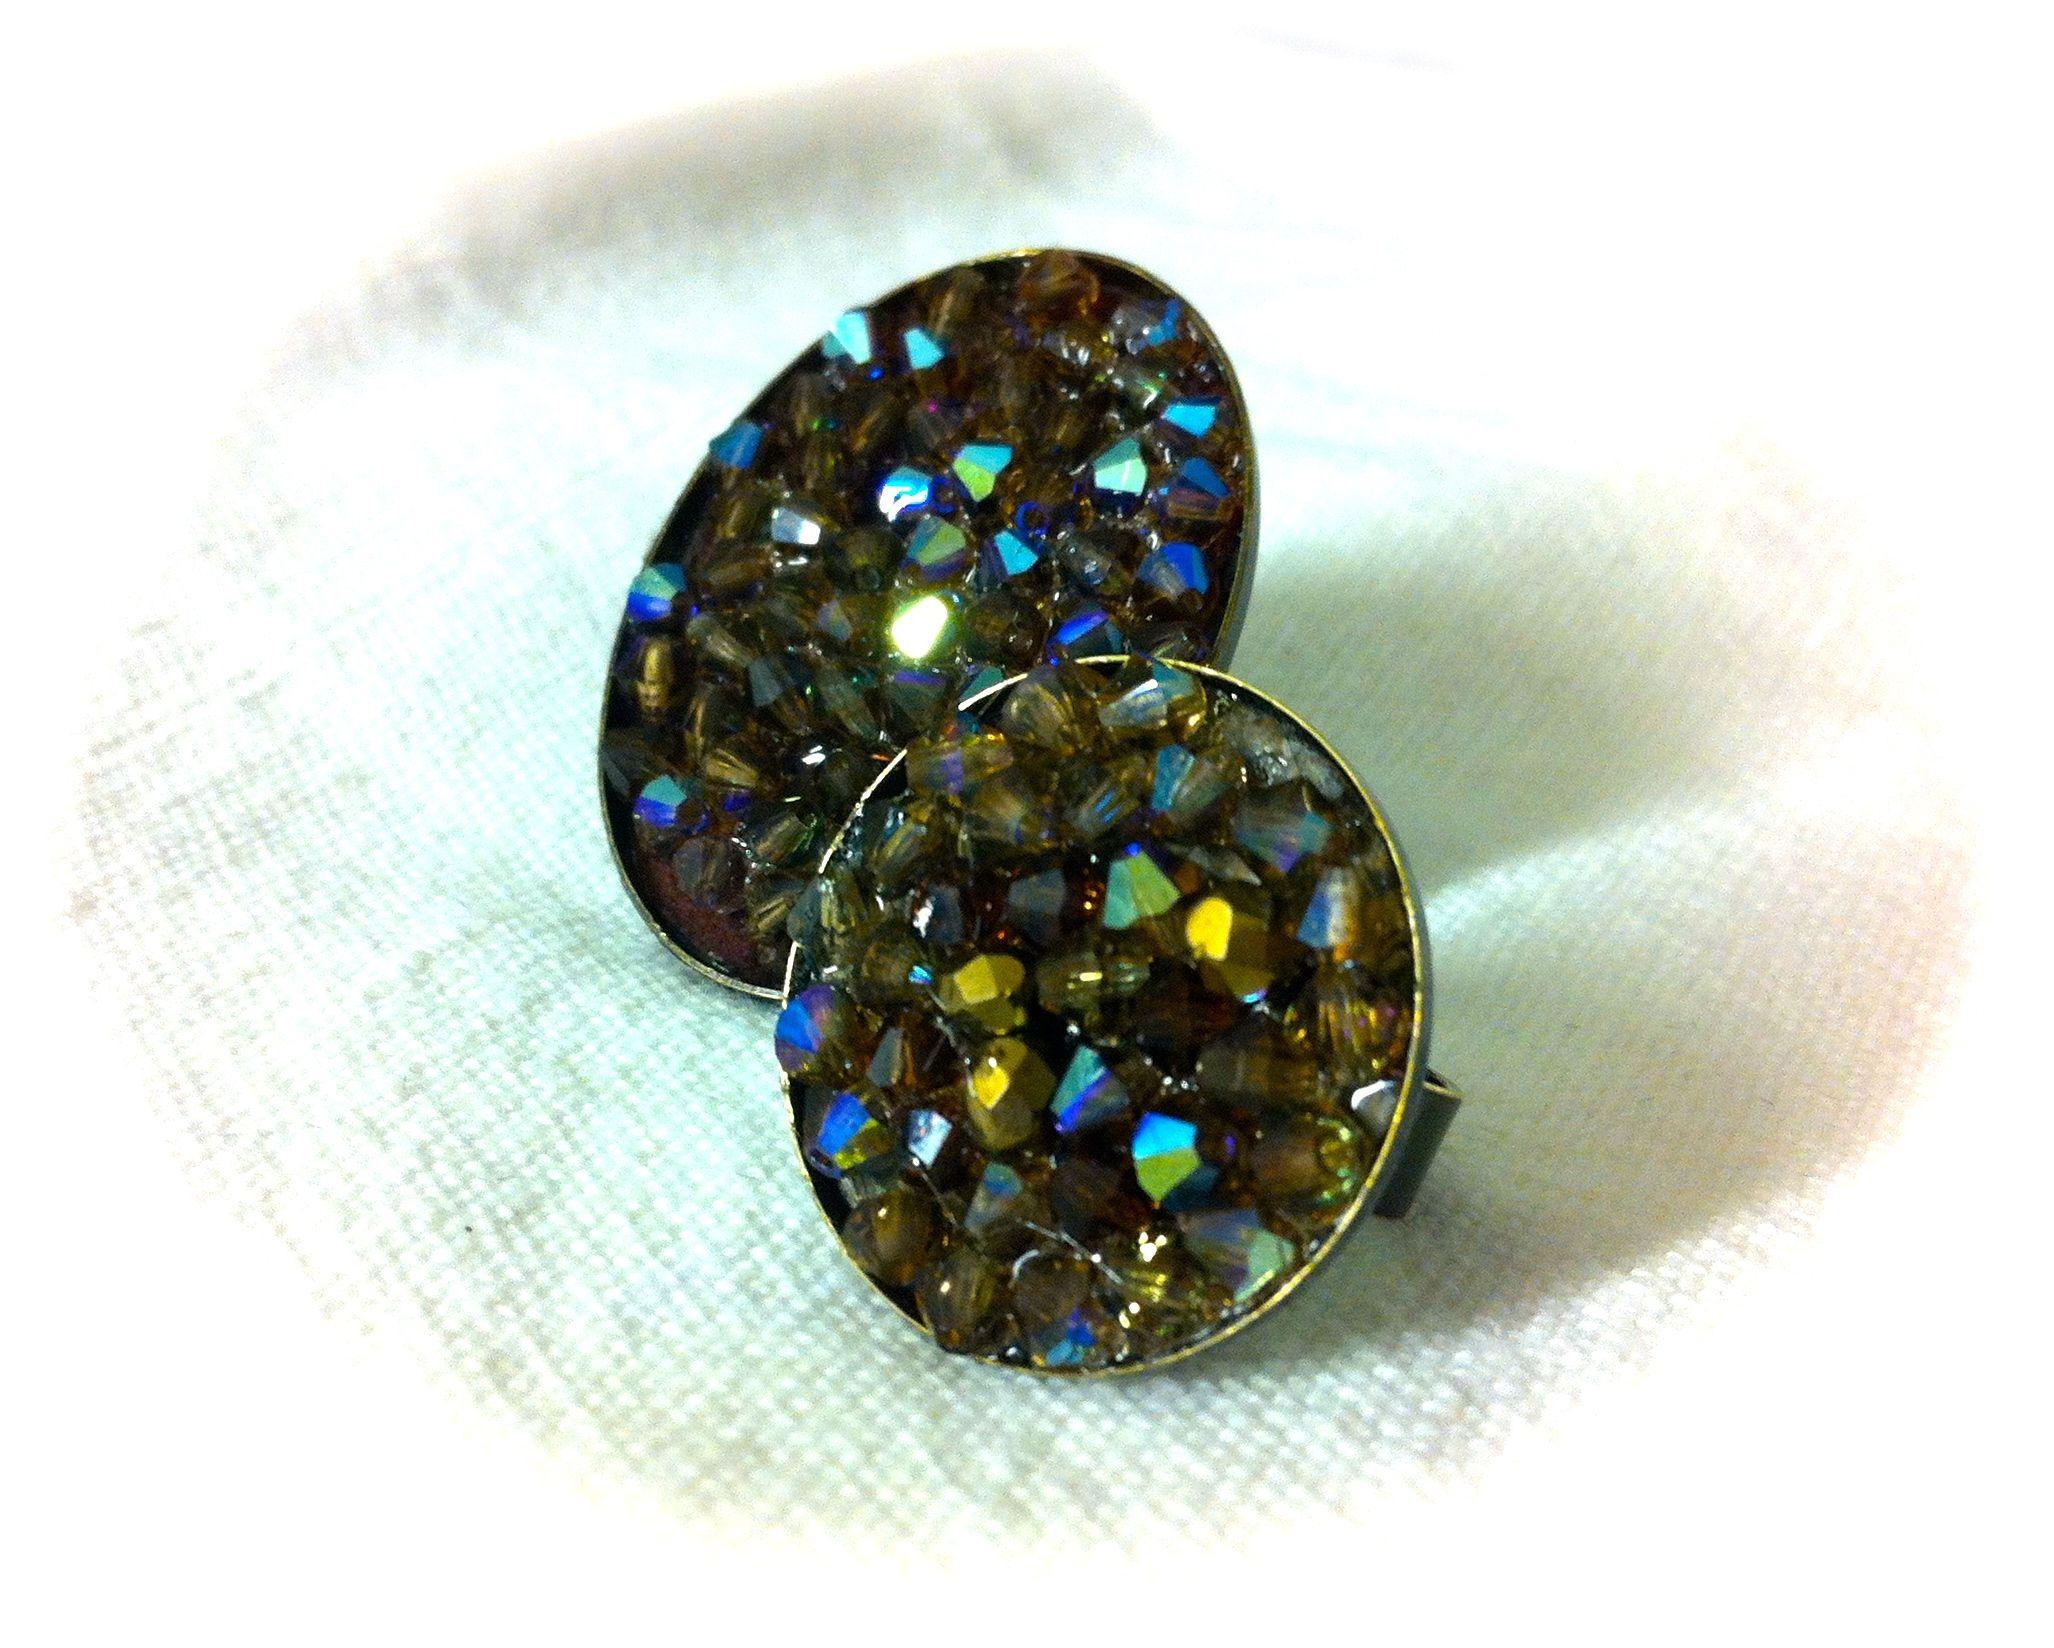 #jewelry #anillo #swarosvkis #handmade #bijoux #accesories Anillo mod. MTR201403 Cristales tupis marrones con destellos azules montados en base de anillo oval (30x40mm), con anilla regulable a todas las medidas 15€